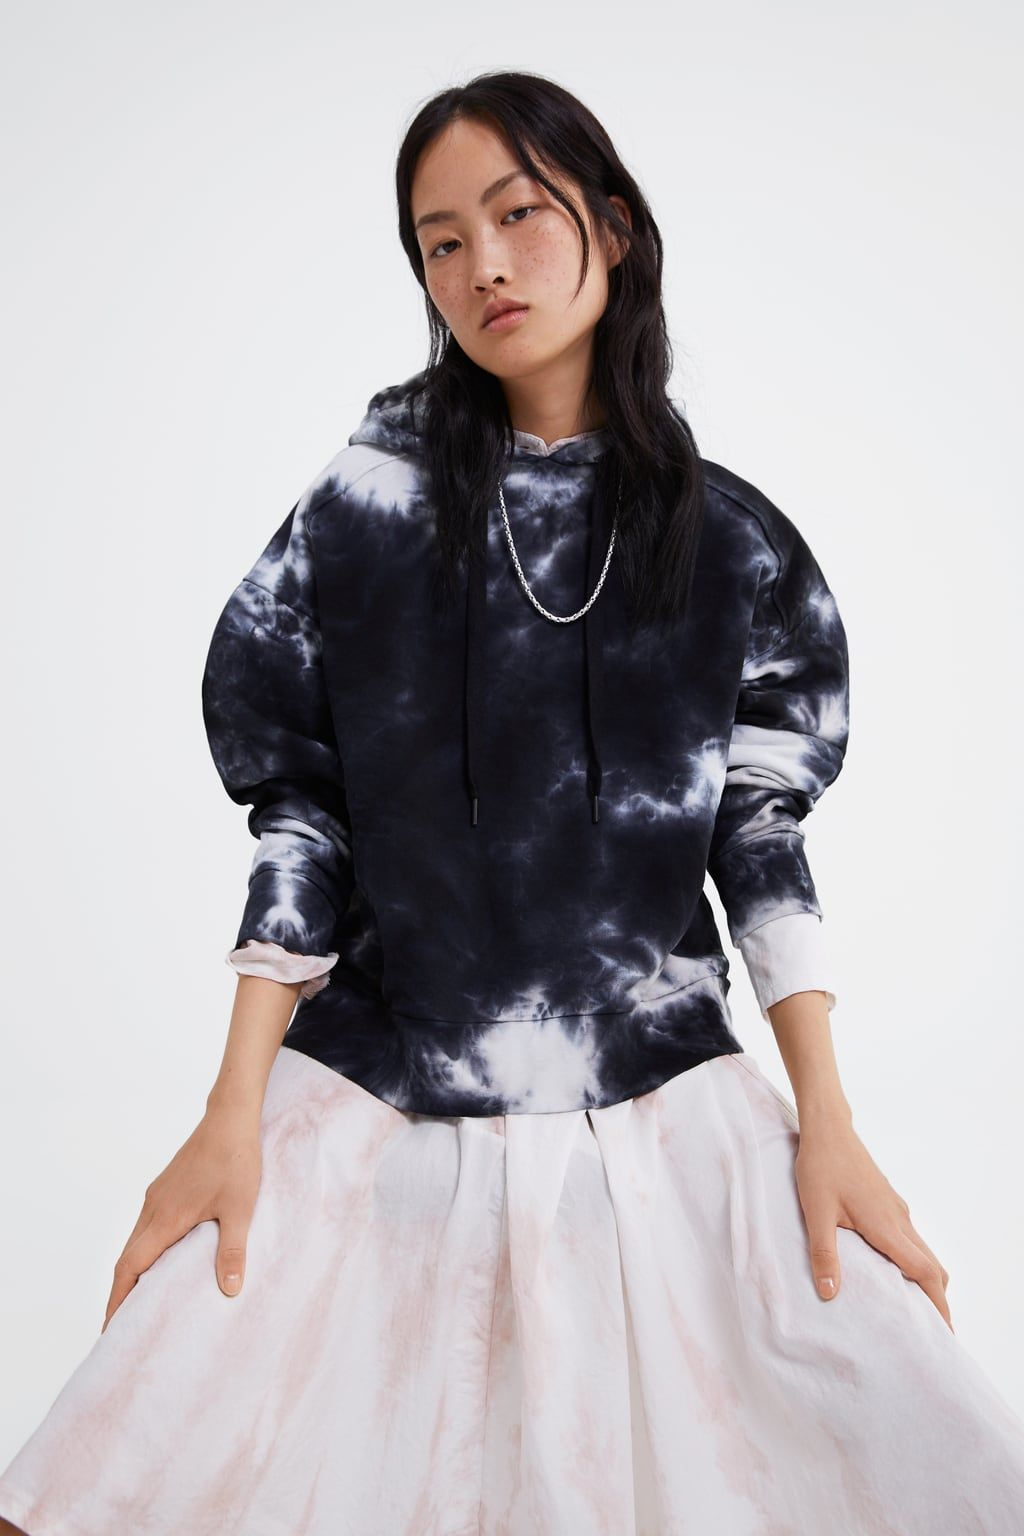 Image 2 Of Tie Dye Sweatshirt From Zara Tie Dye Sweatshirt Tie Dye How To Tie Dye [ 1536 x 1024 Pixel ]